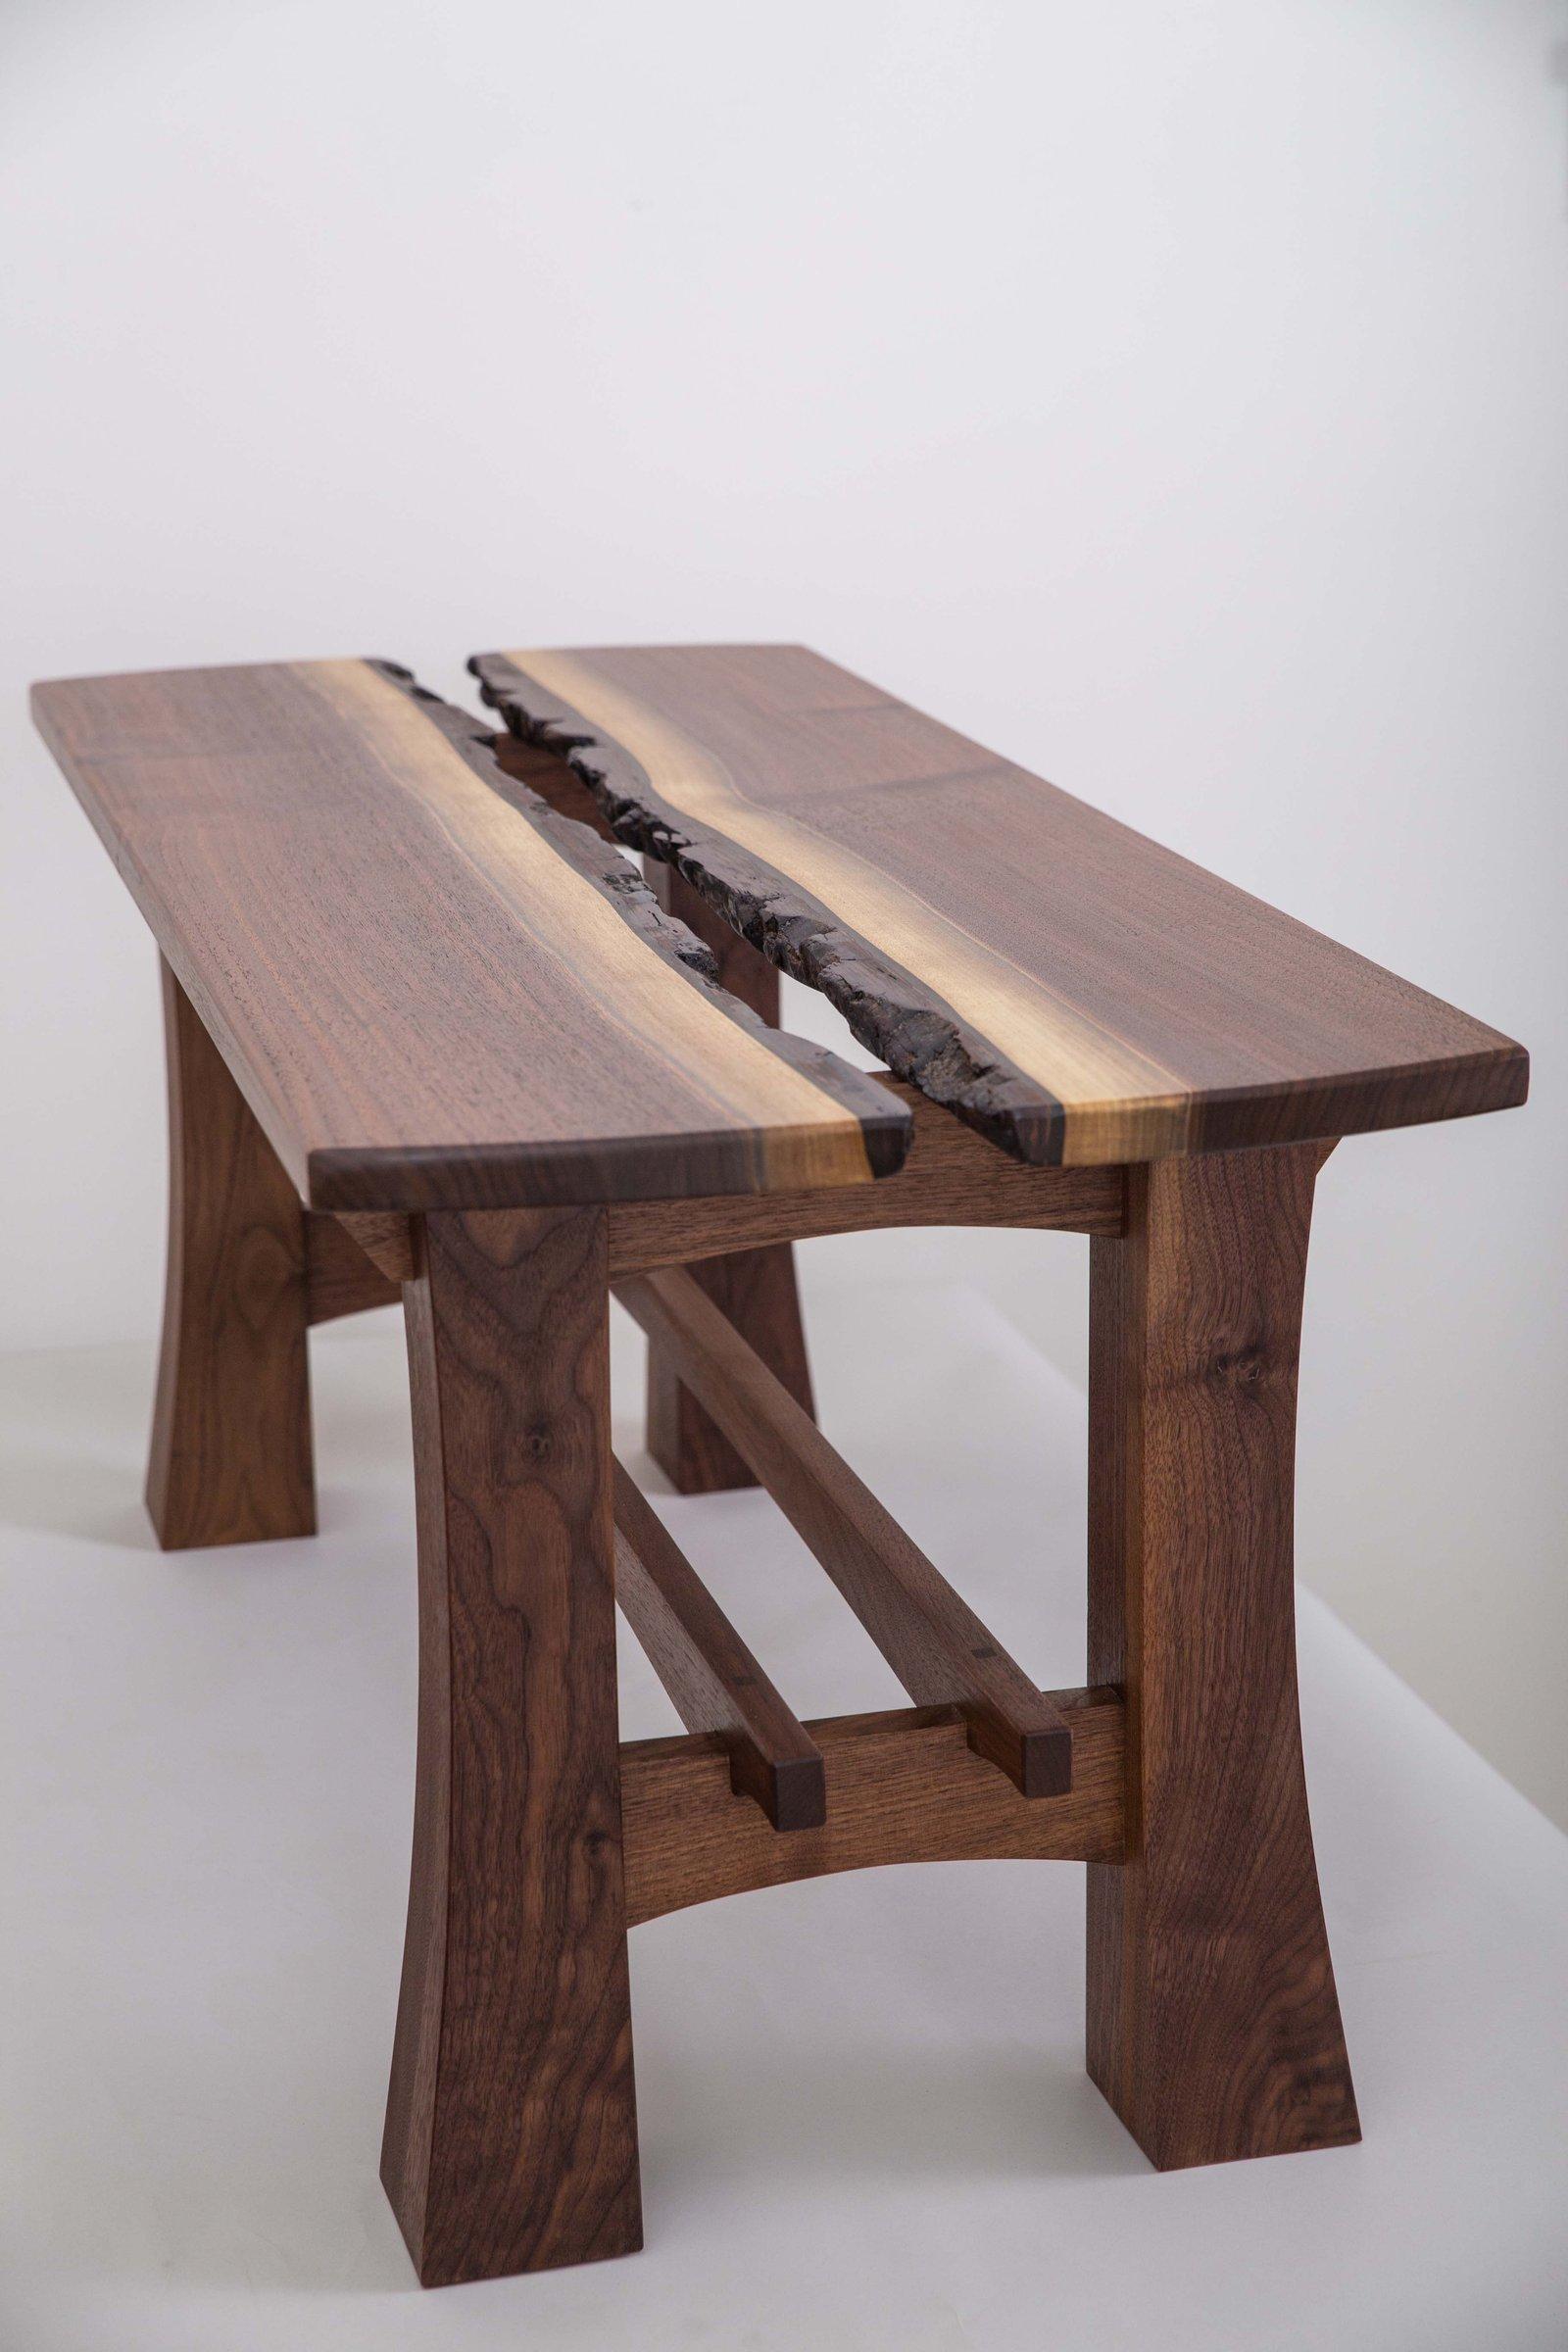 16++ Wooden coffee table ideas ideas in 2021